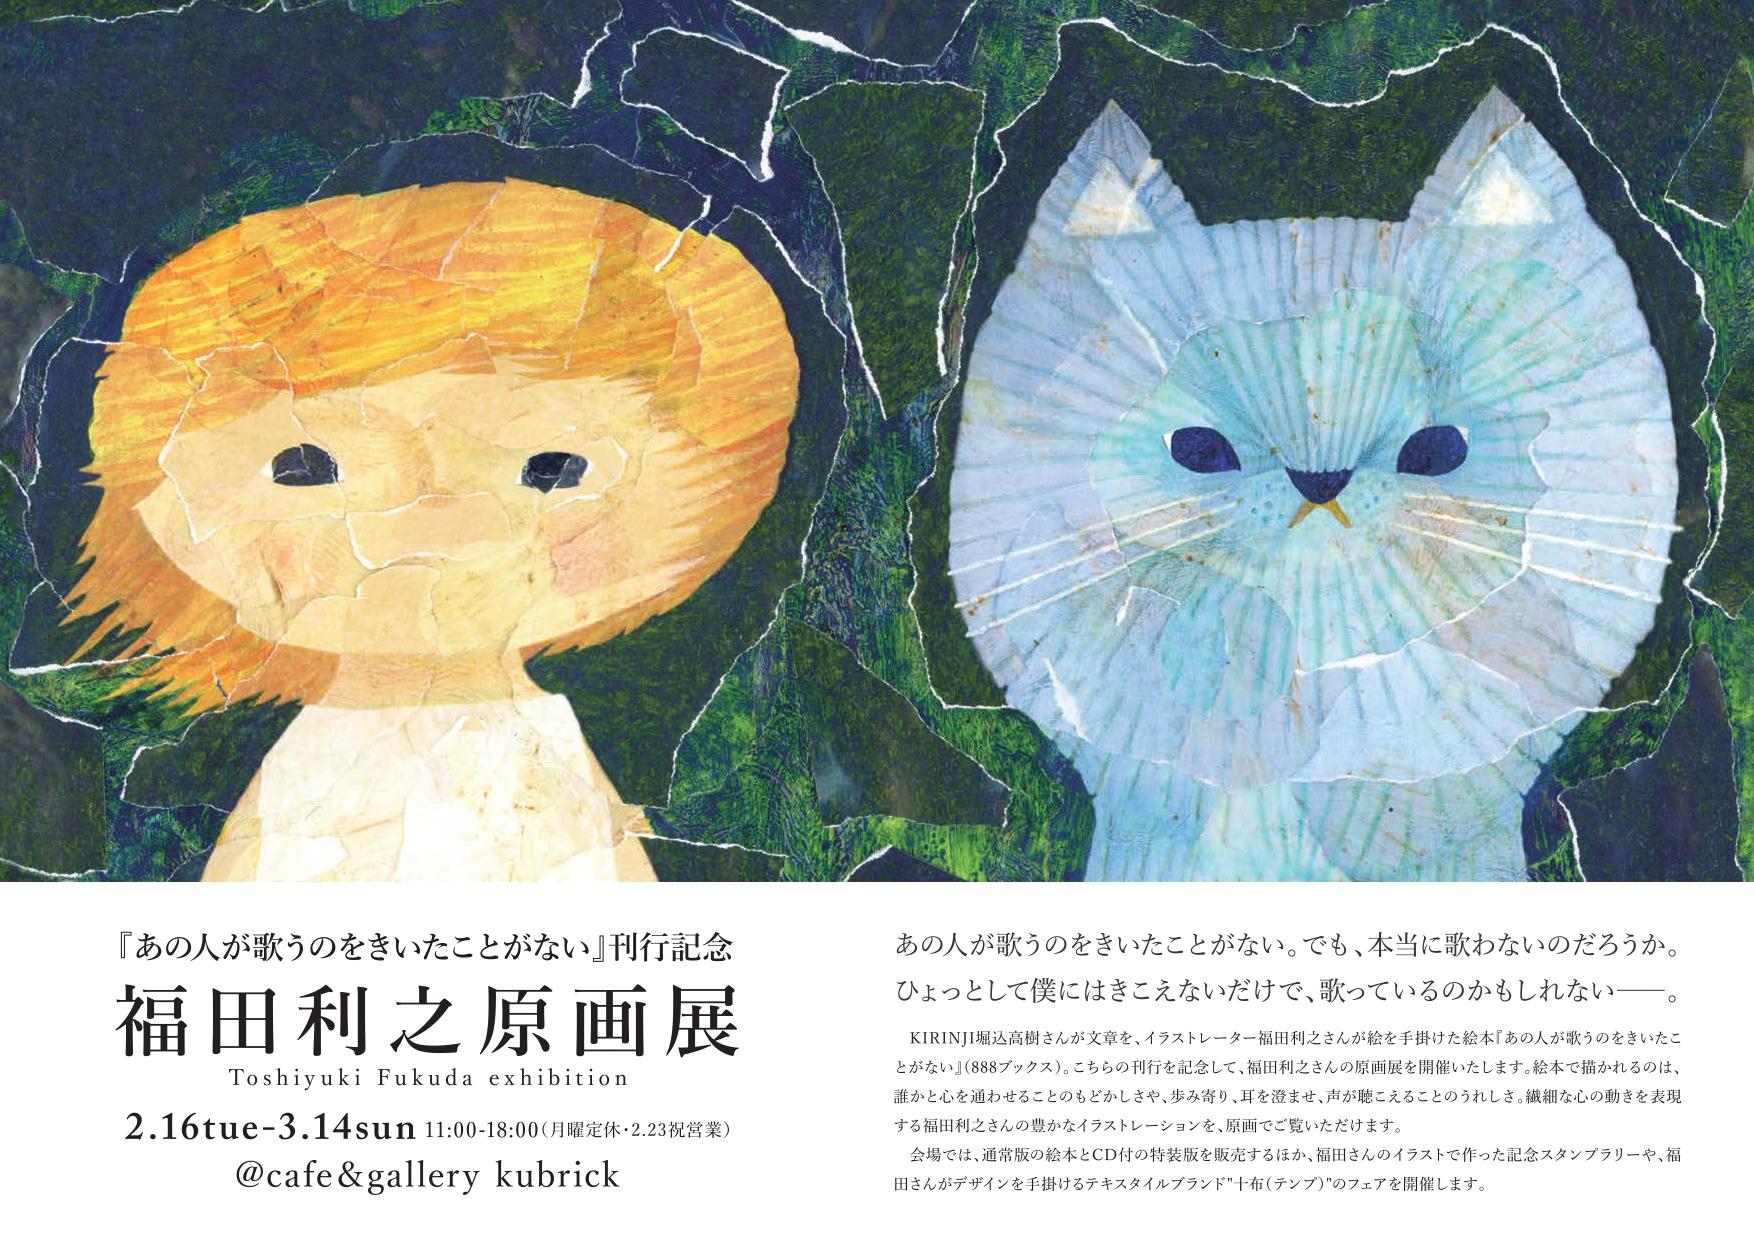 <会期延長のお知らせ>『あの人が歌うのをきいたことがない』刊行記念 福田利之原画展